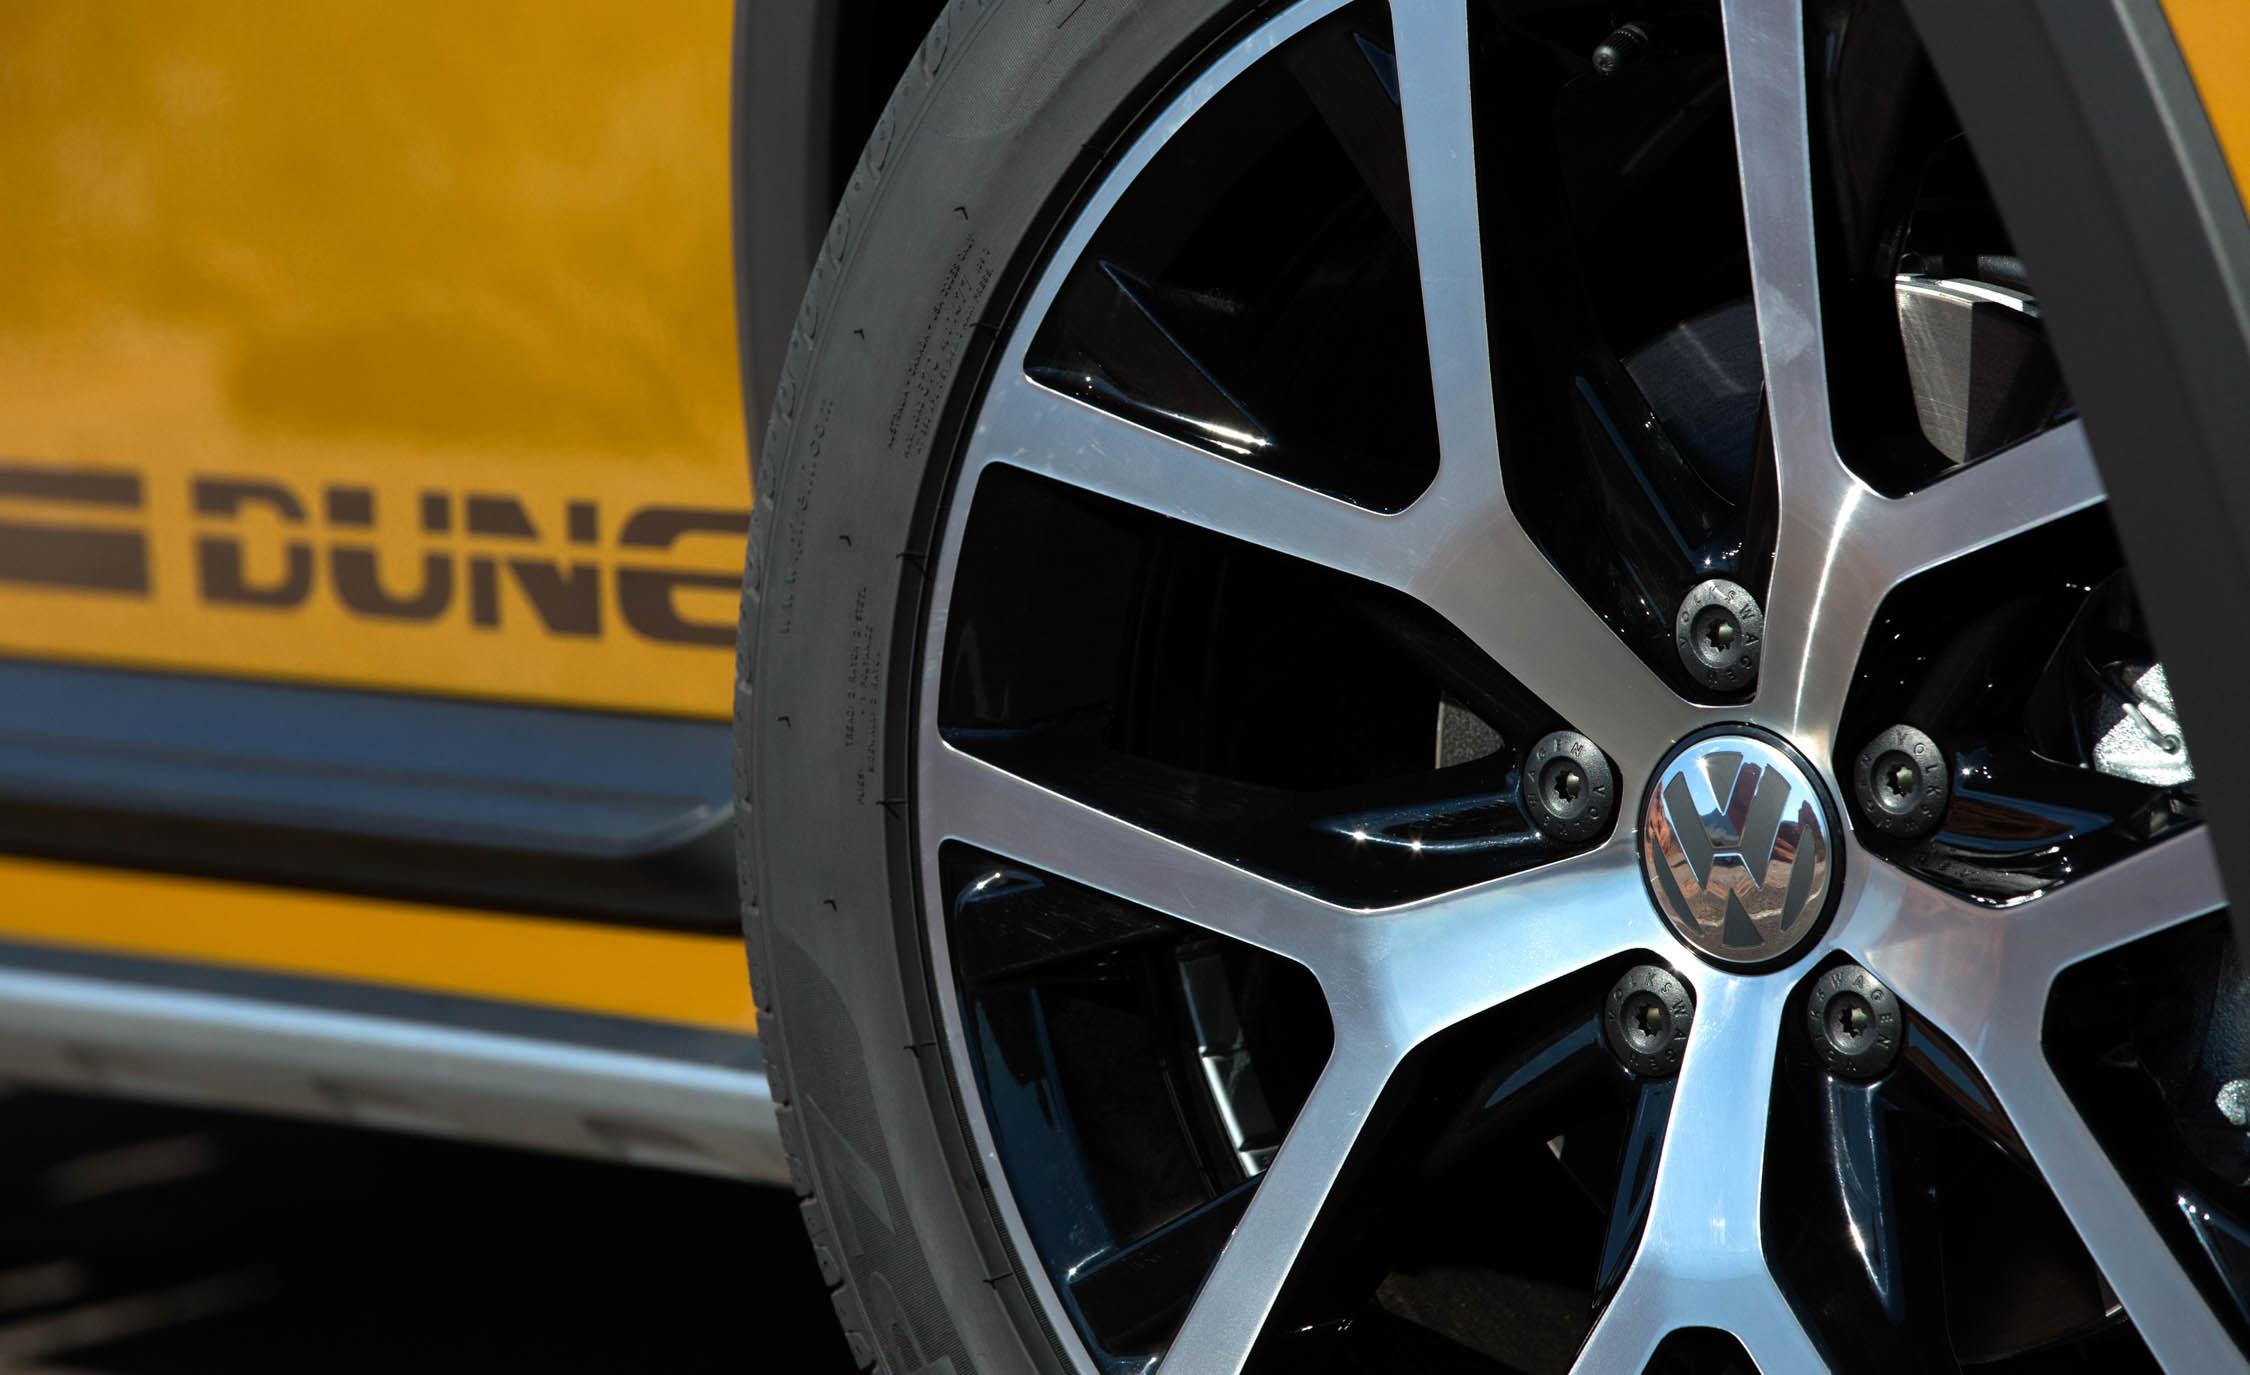 2016 Volkswagen Beetle Dune Exterior Wheel (View 3 of 32)